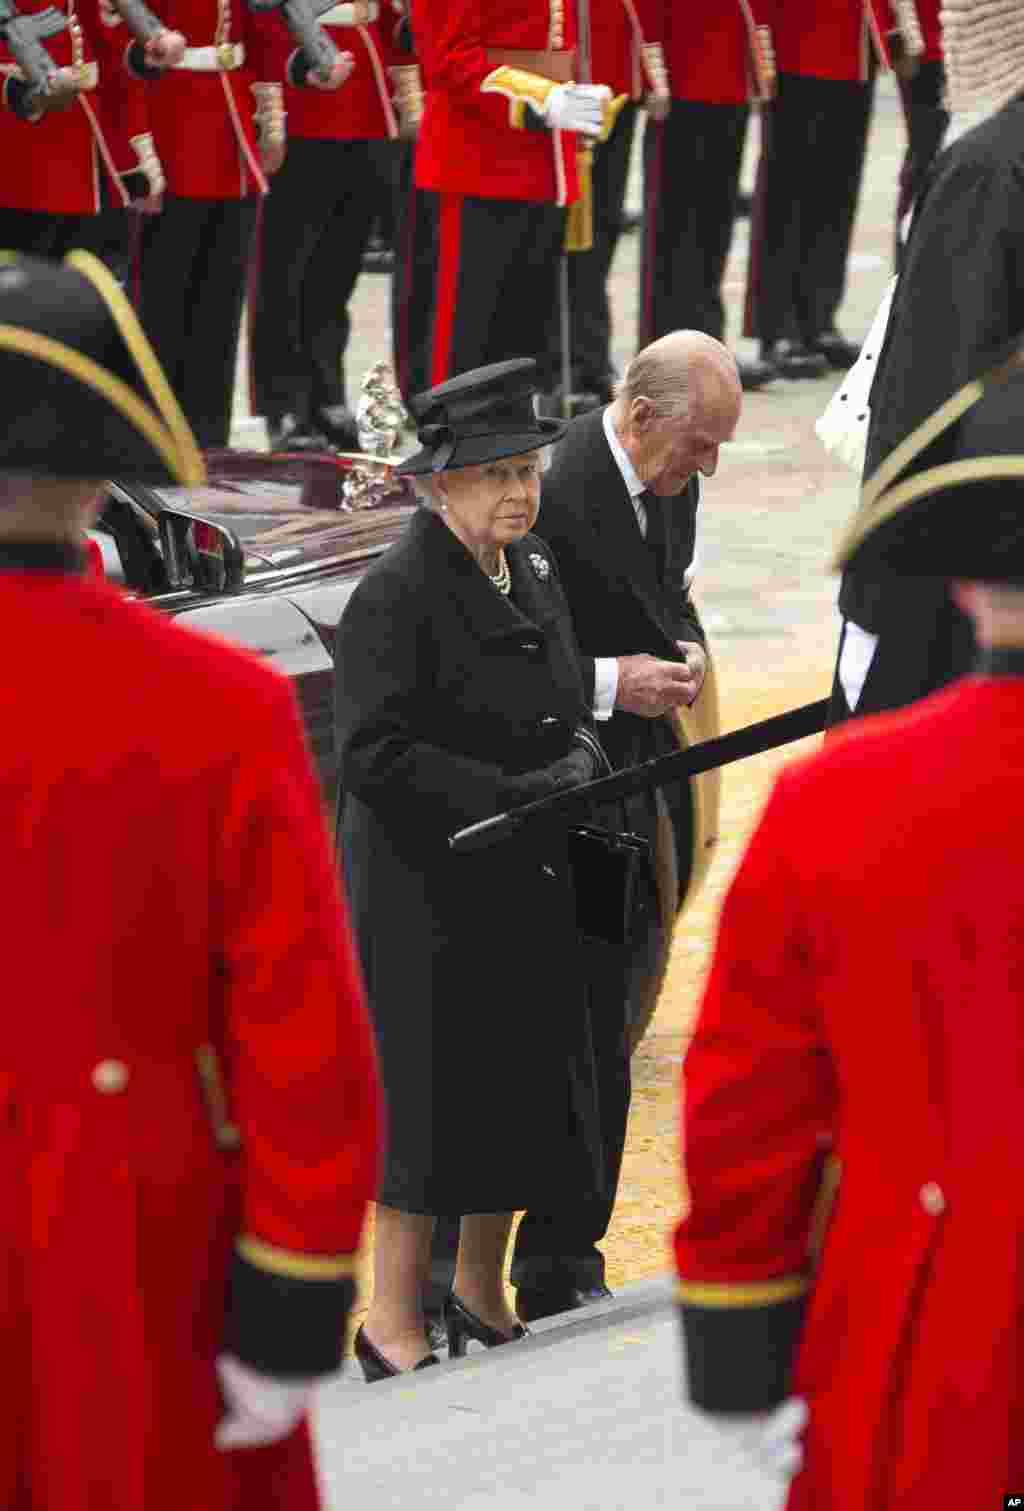 Nữ hoàng Elizabeth II và phu quân Hoàng tế Philip đến dự tang lễ cựu Thủ tướng Anh Thatcher, chuẩn bị vào Nhà thờ Thánh Phao-lô.